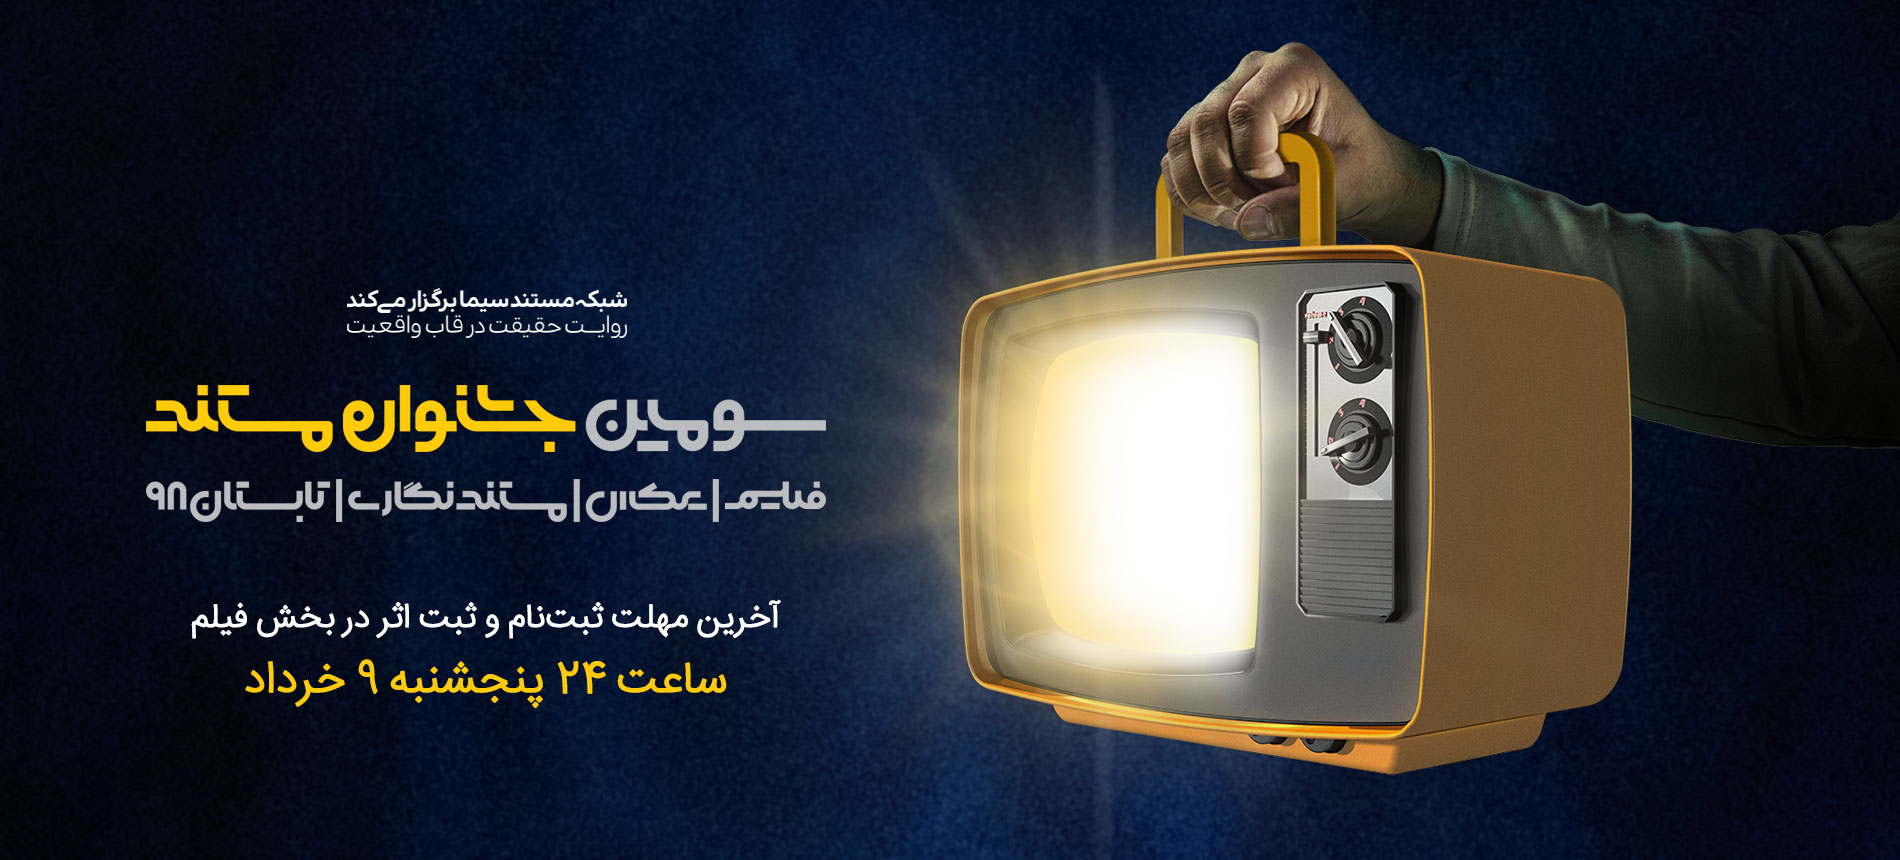 ساعت 12 امشب (9 خرداد)،آخرین فرصت ثبت نام و ثبت اثر در بخش فیلم سومین جشنواره مستند